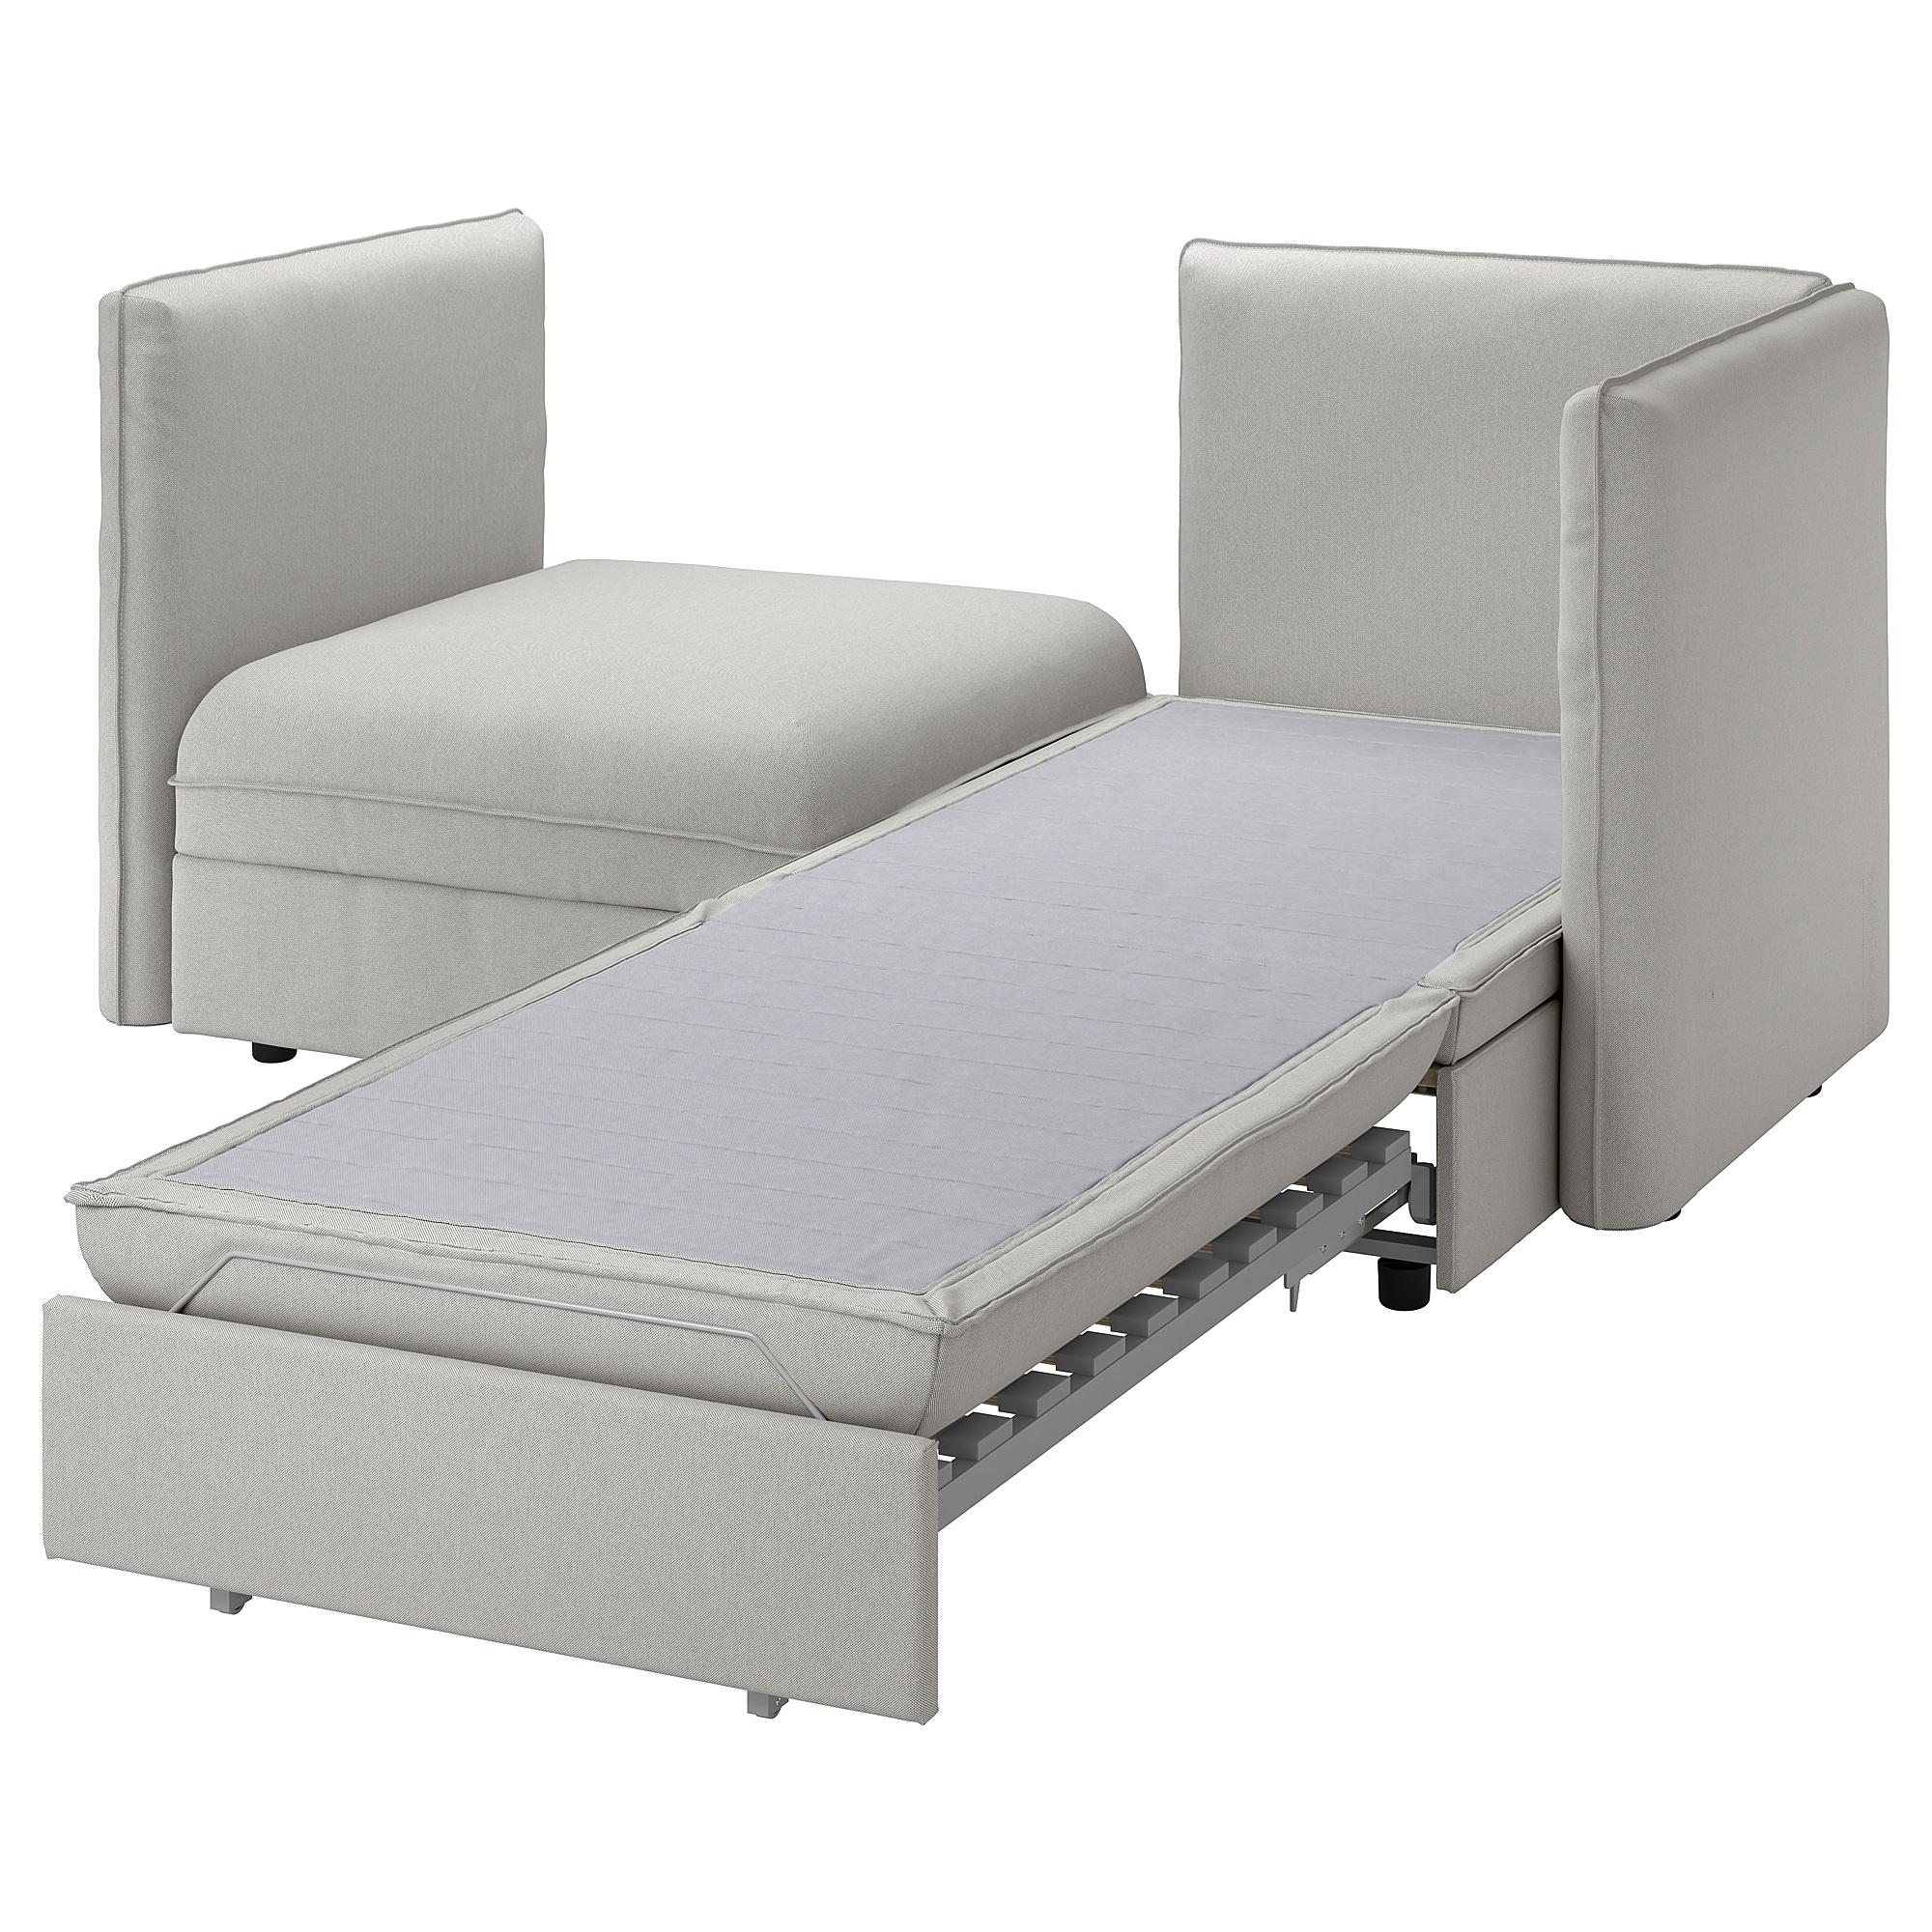 Vallentuna 2 Seat Modular Sofa With Sofa Bed And Storage Orrsta Light Grey Ikea Hong Kong